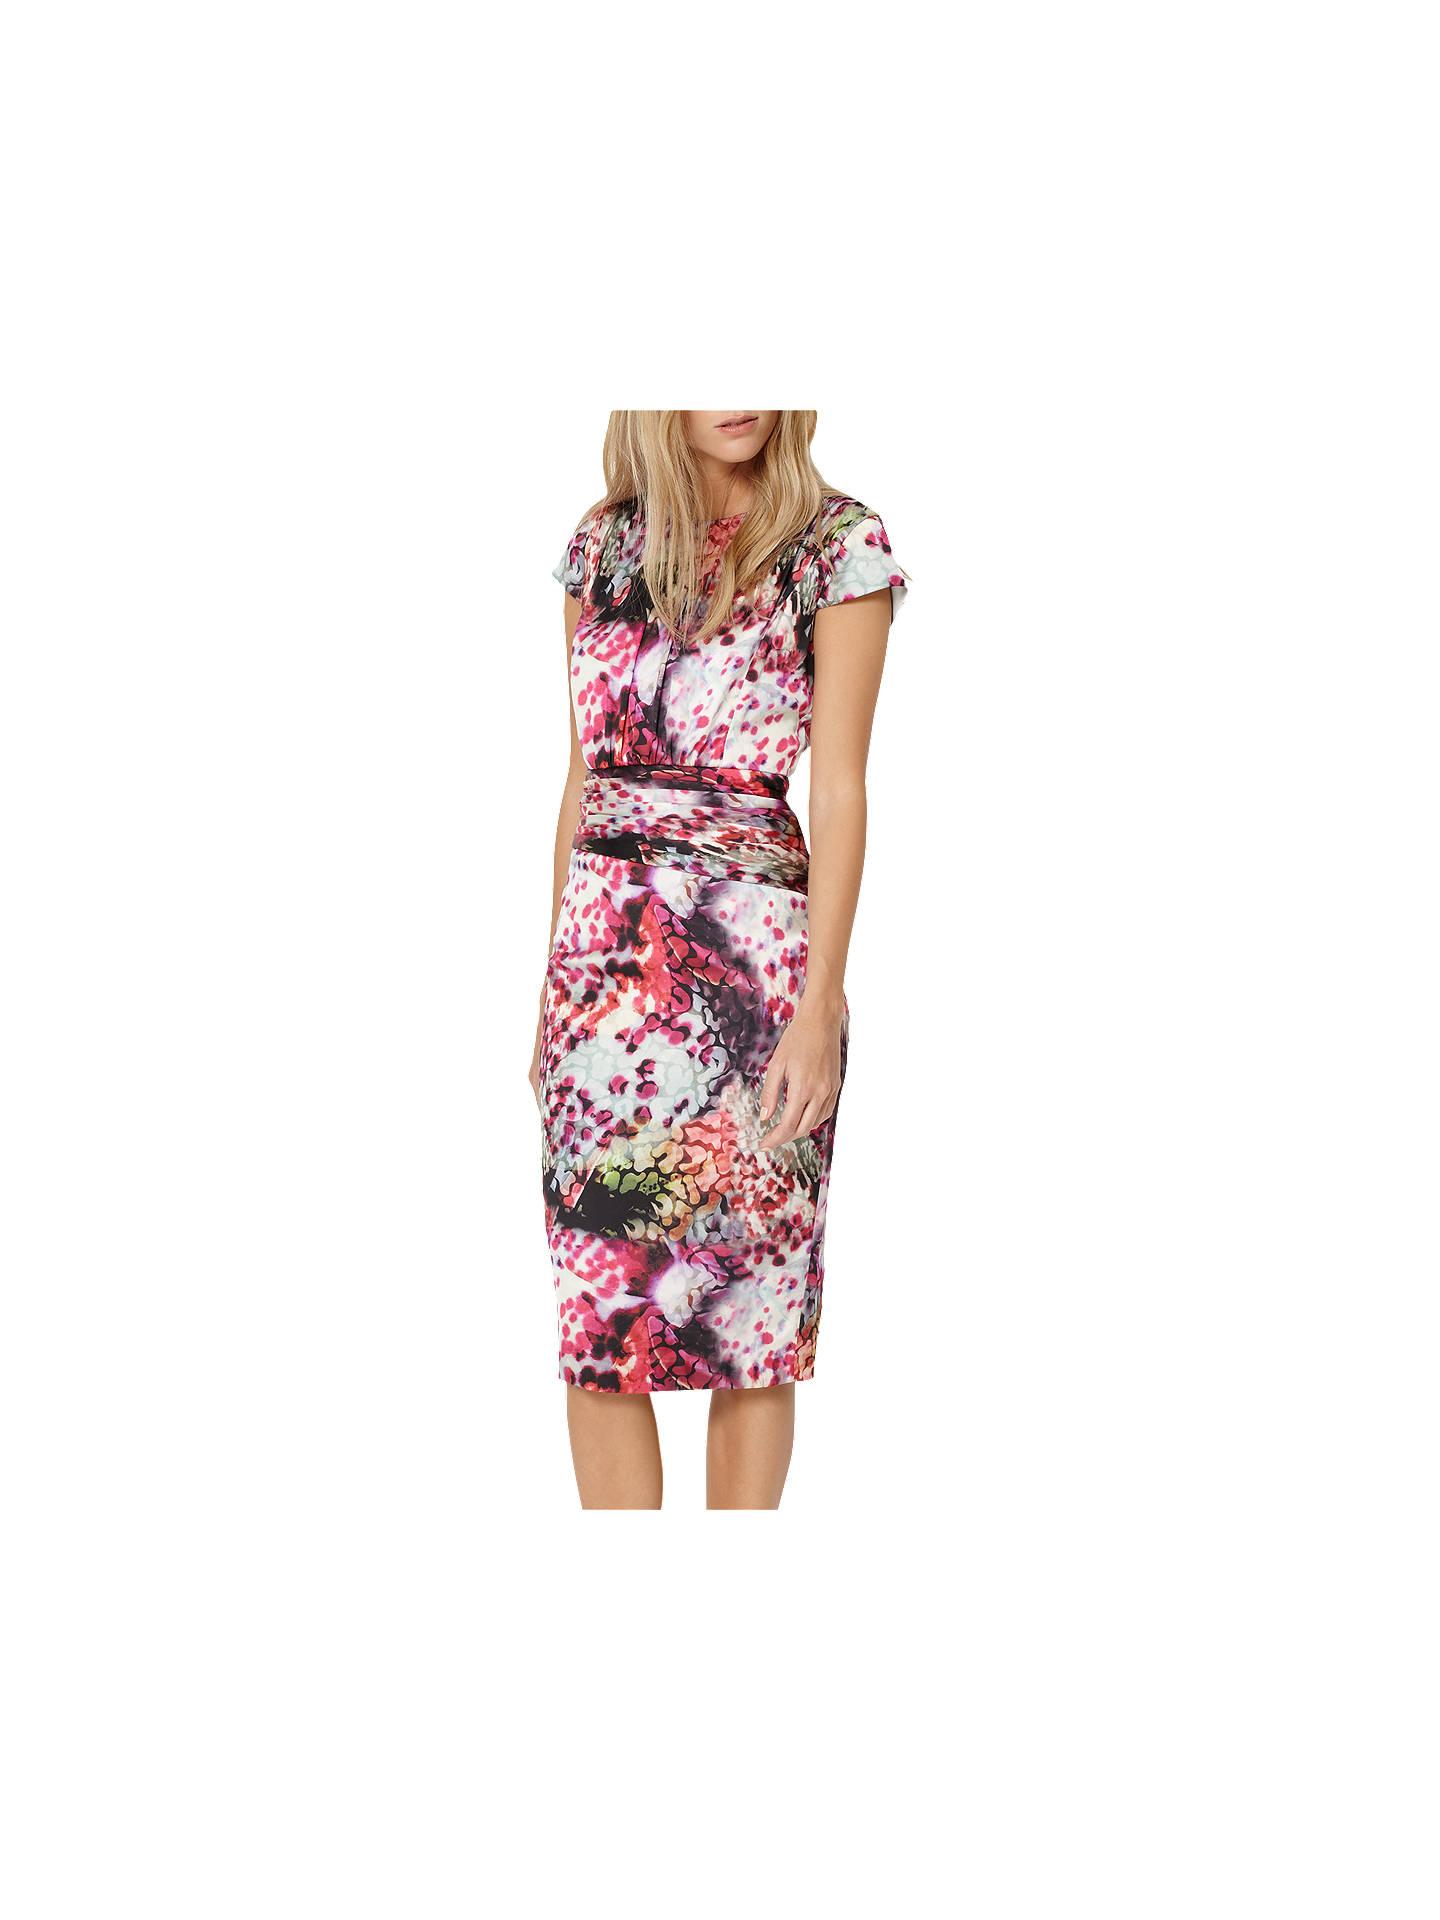 8b8c48360d BuyDamsel in a dress Rainbow Leopard Print Dress